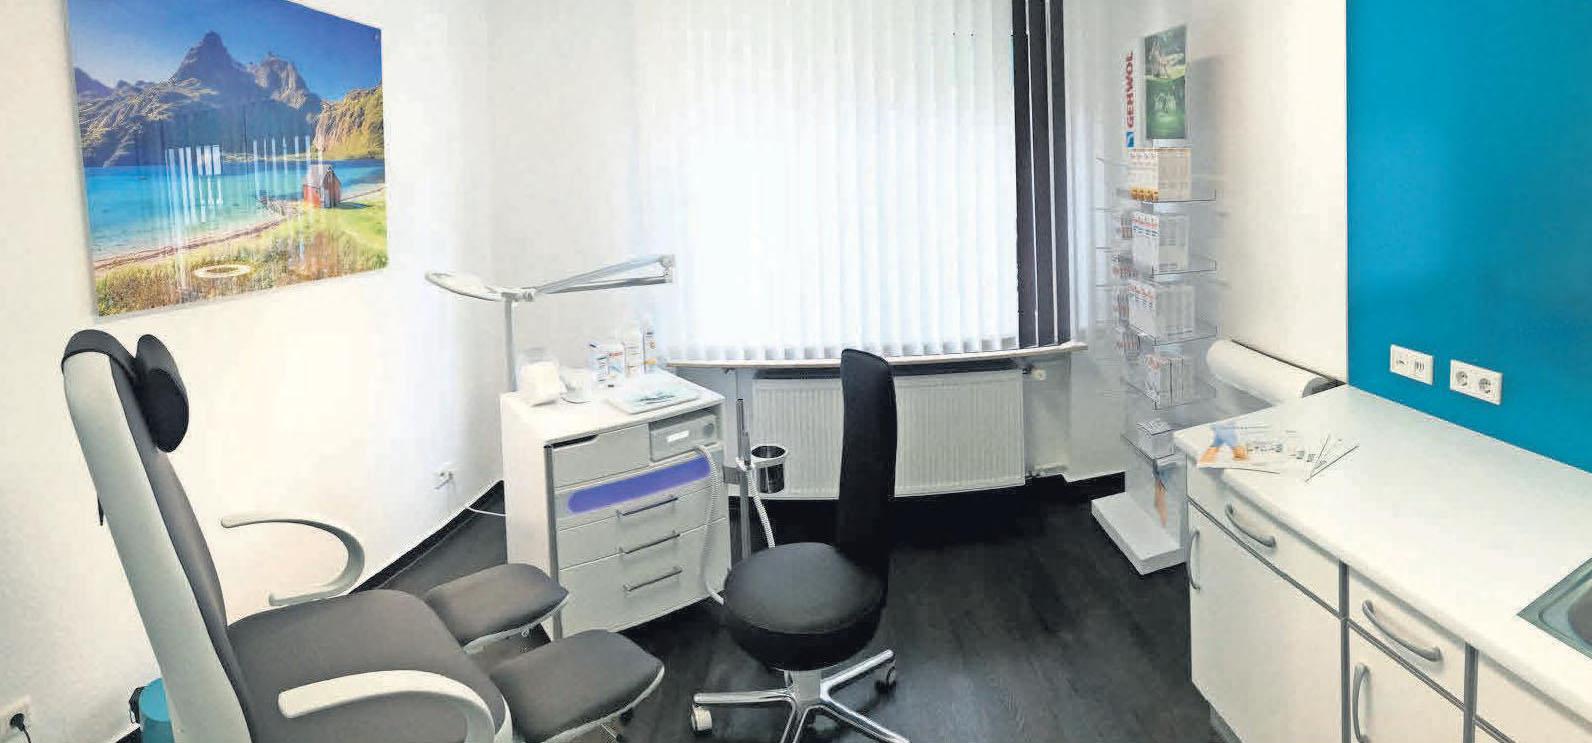 Mit farbenfrohen Bildern und hochmodernem Equipment sind die Behandlungszimmer sehr einladend.